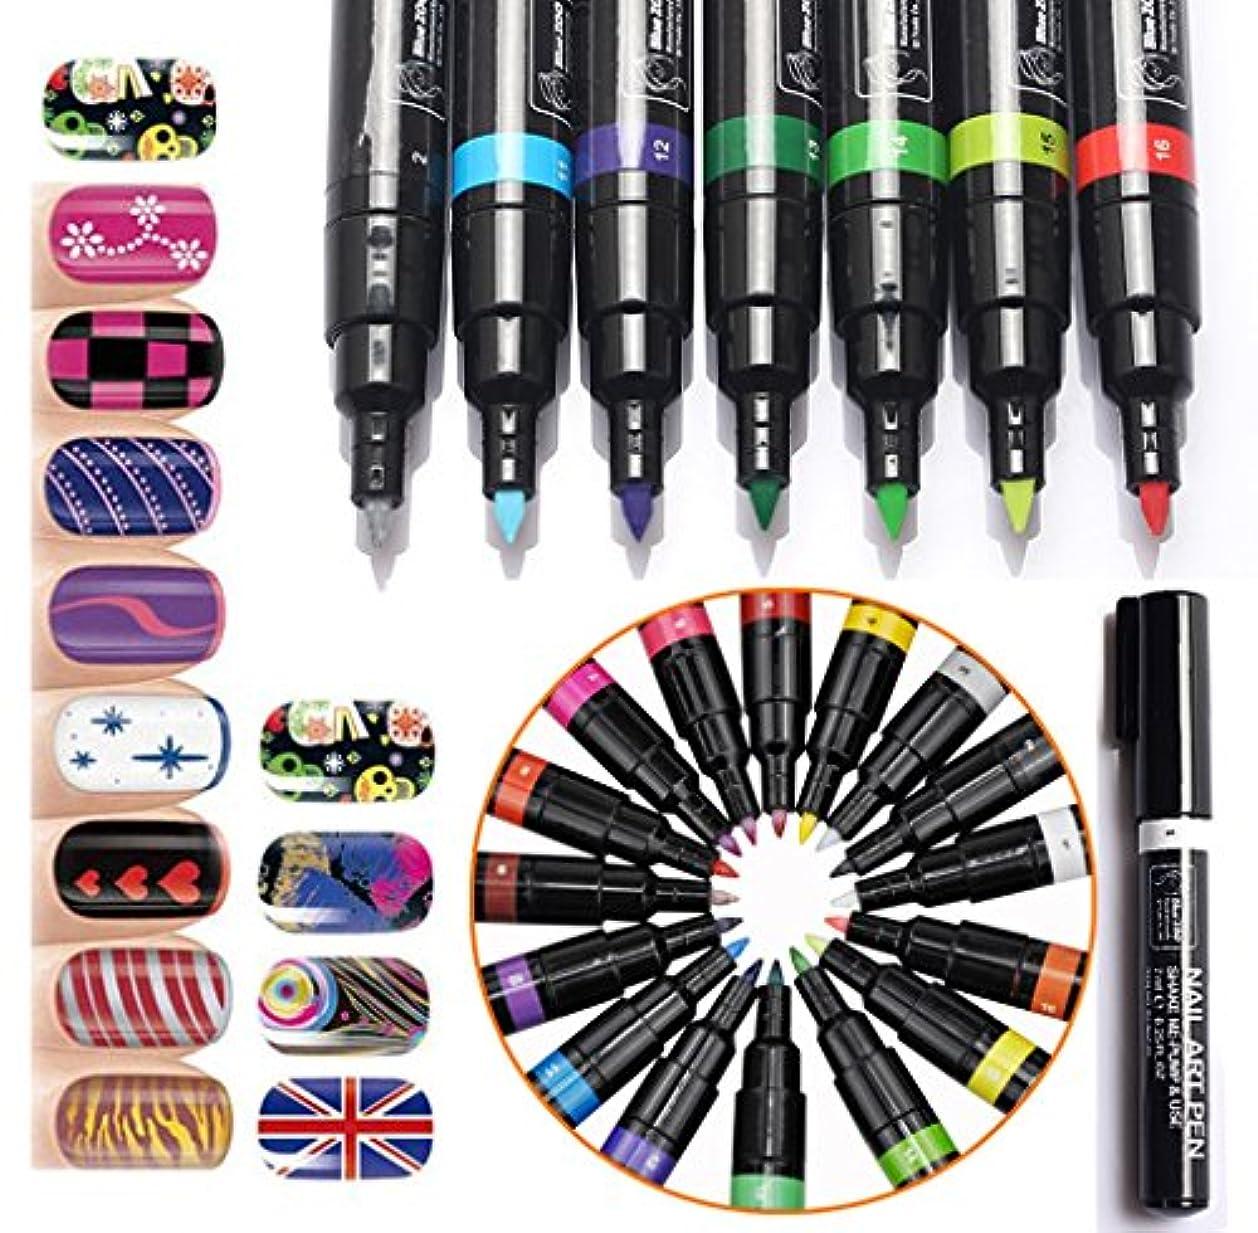 ヒューズリール減る(メイクアップエーシーシー) MakeupAcc カラーネイルアートペン 3Dネイルペン ネイルアートペン ネイルマニキュア液 ペイントペン ペイント 両用 DIY 16色 (16色) [並行輸入品]